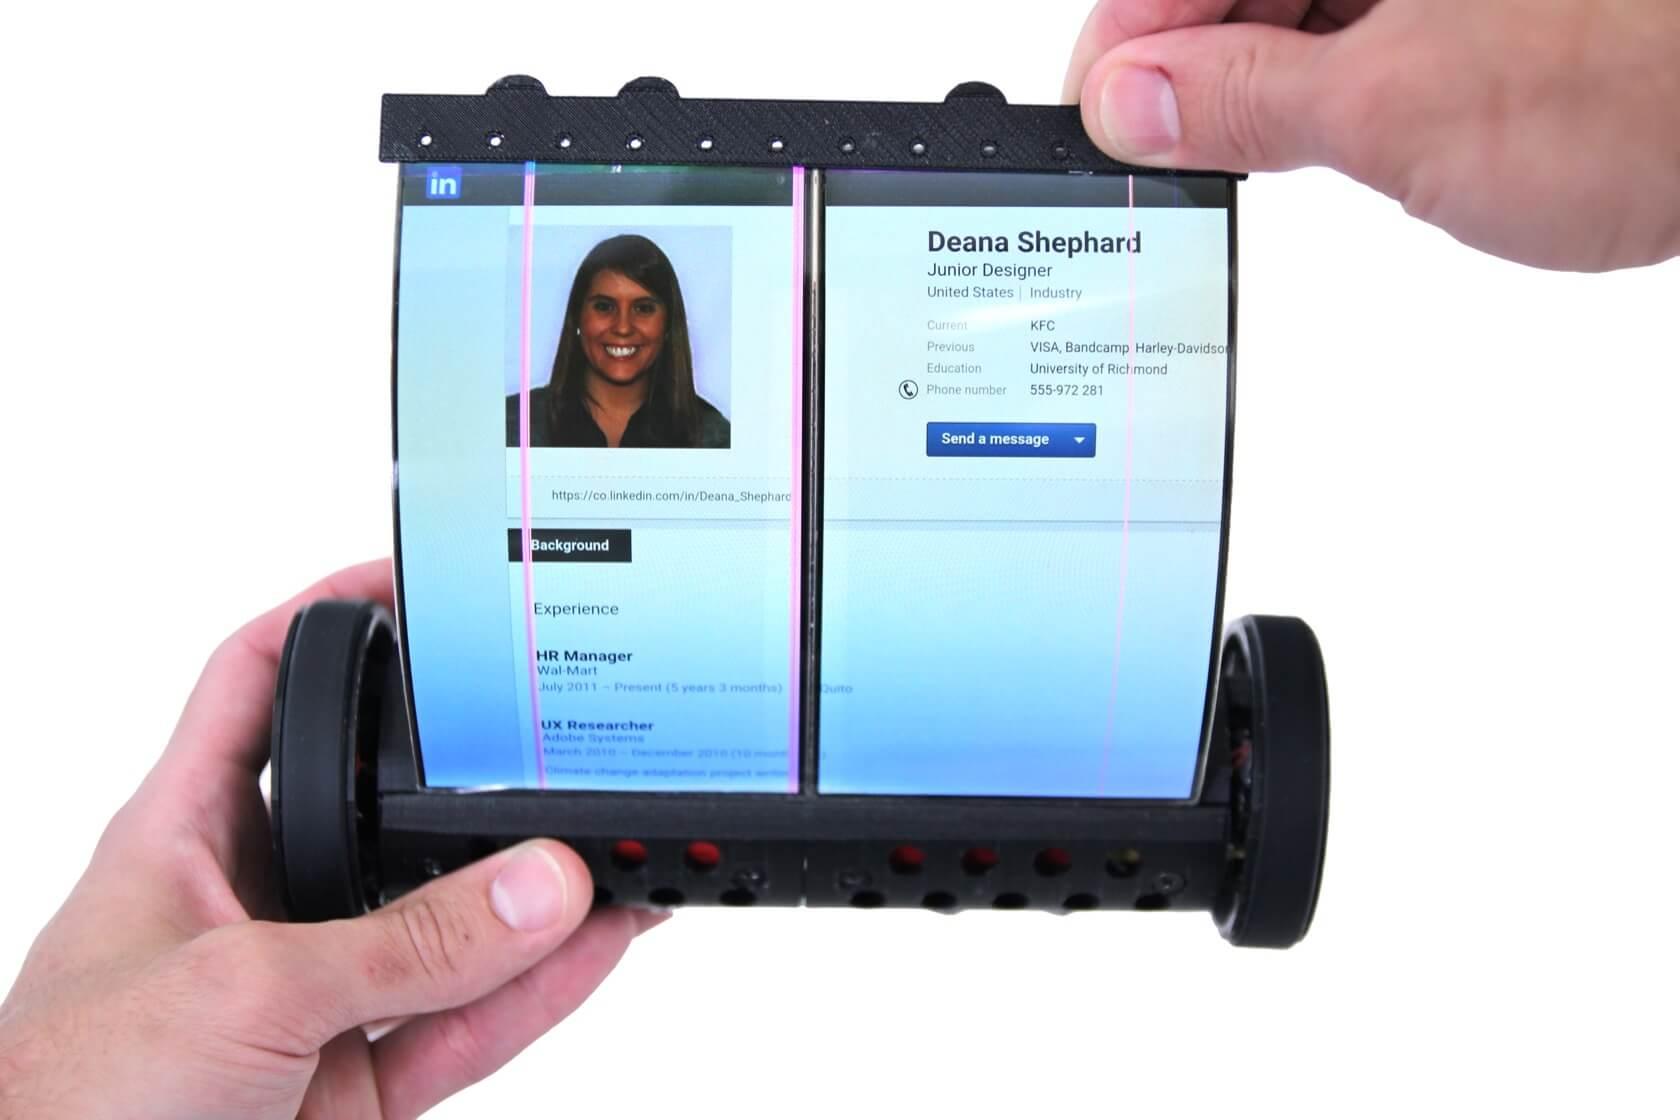 Conheça magicscroll, o tablet de tela rolável inspirado em pergaminhos